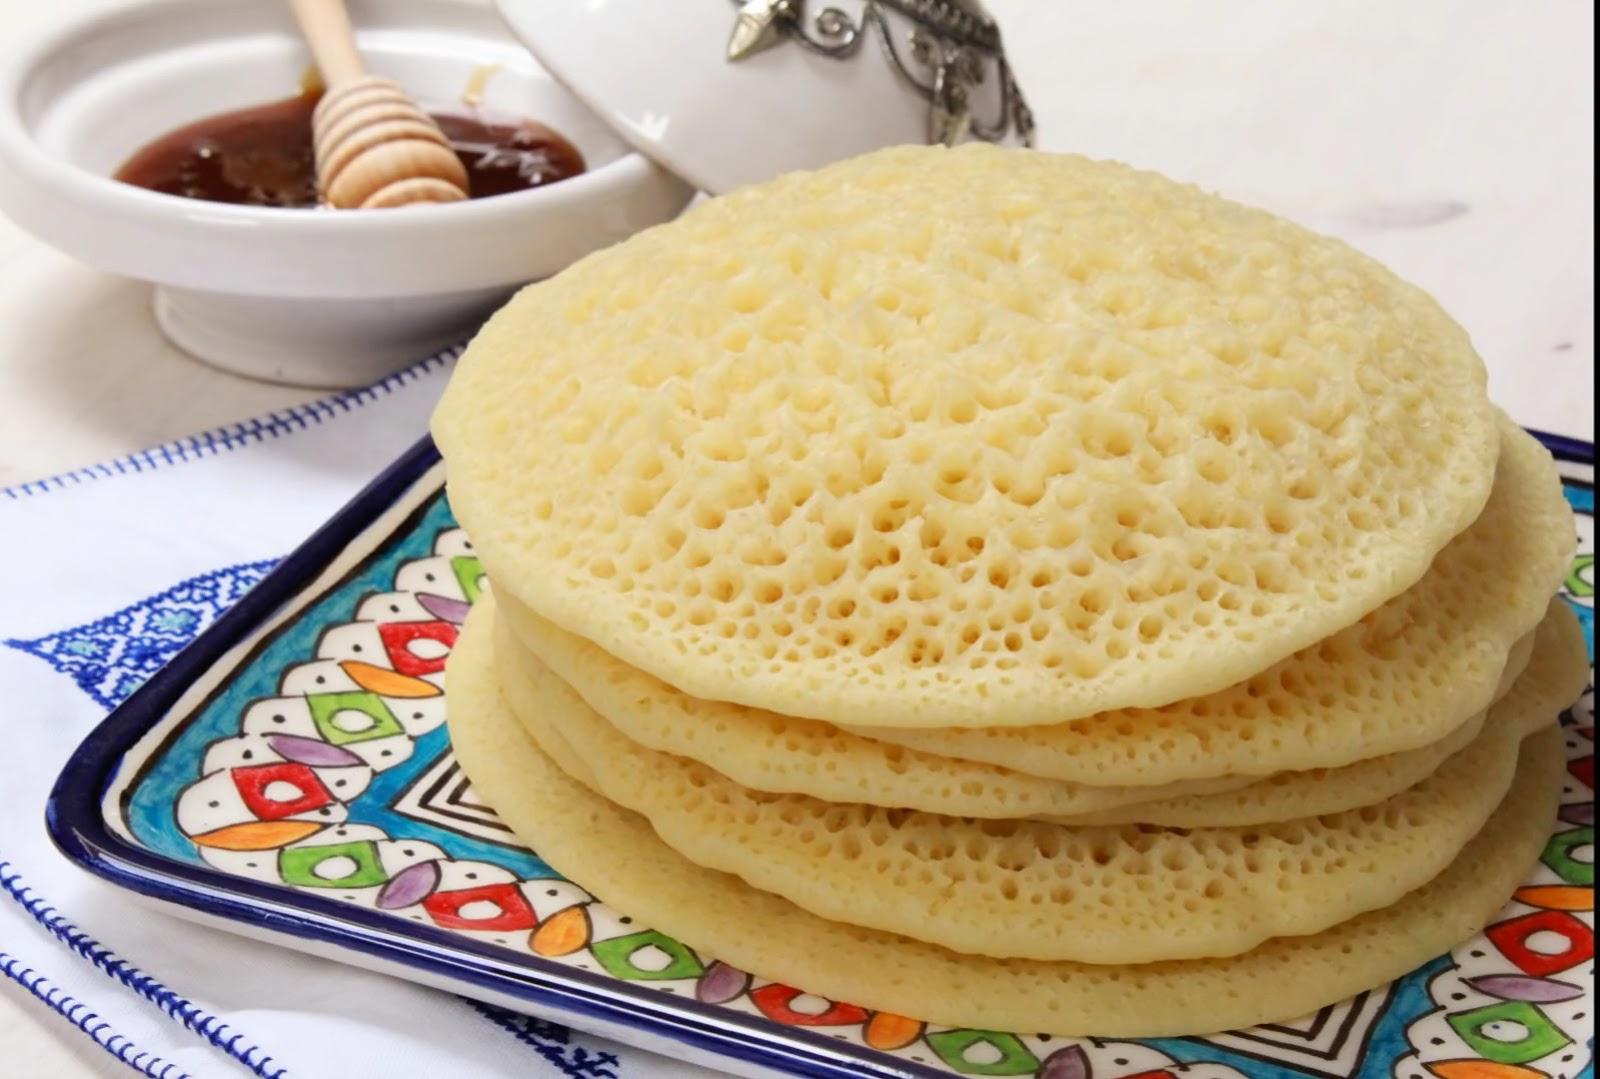 طريقة تحضير و إعداد وصفة البغرير المغربي